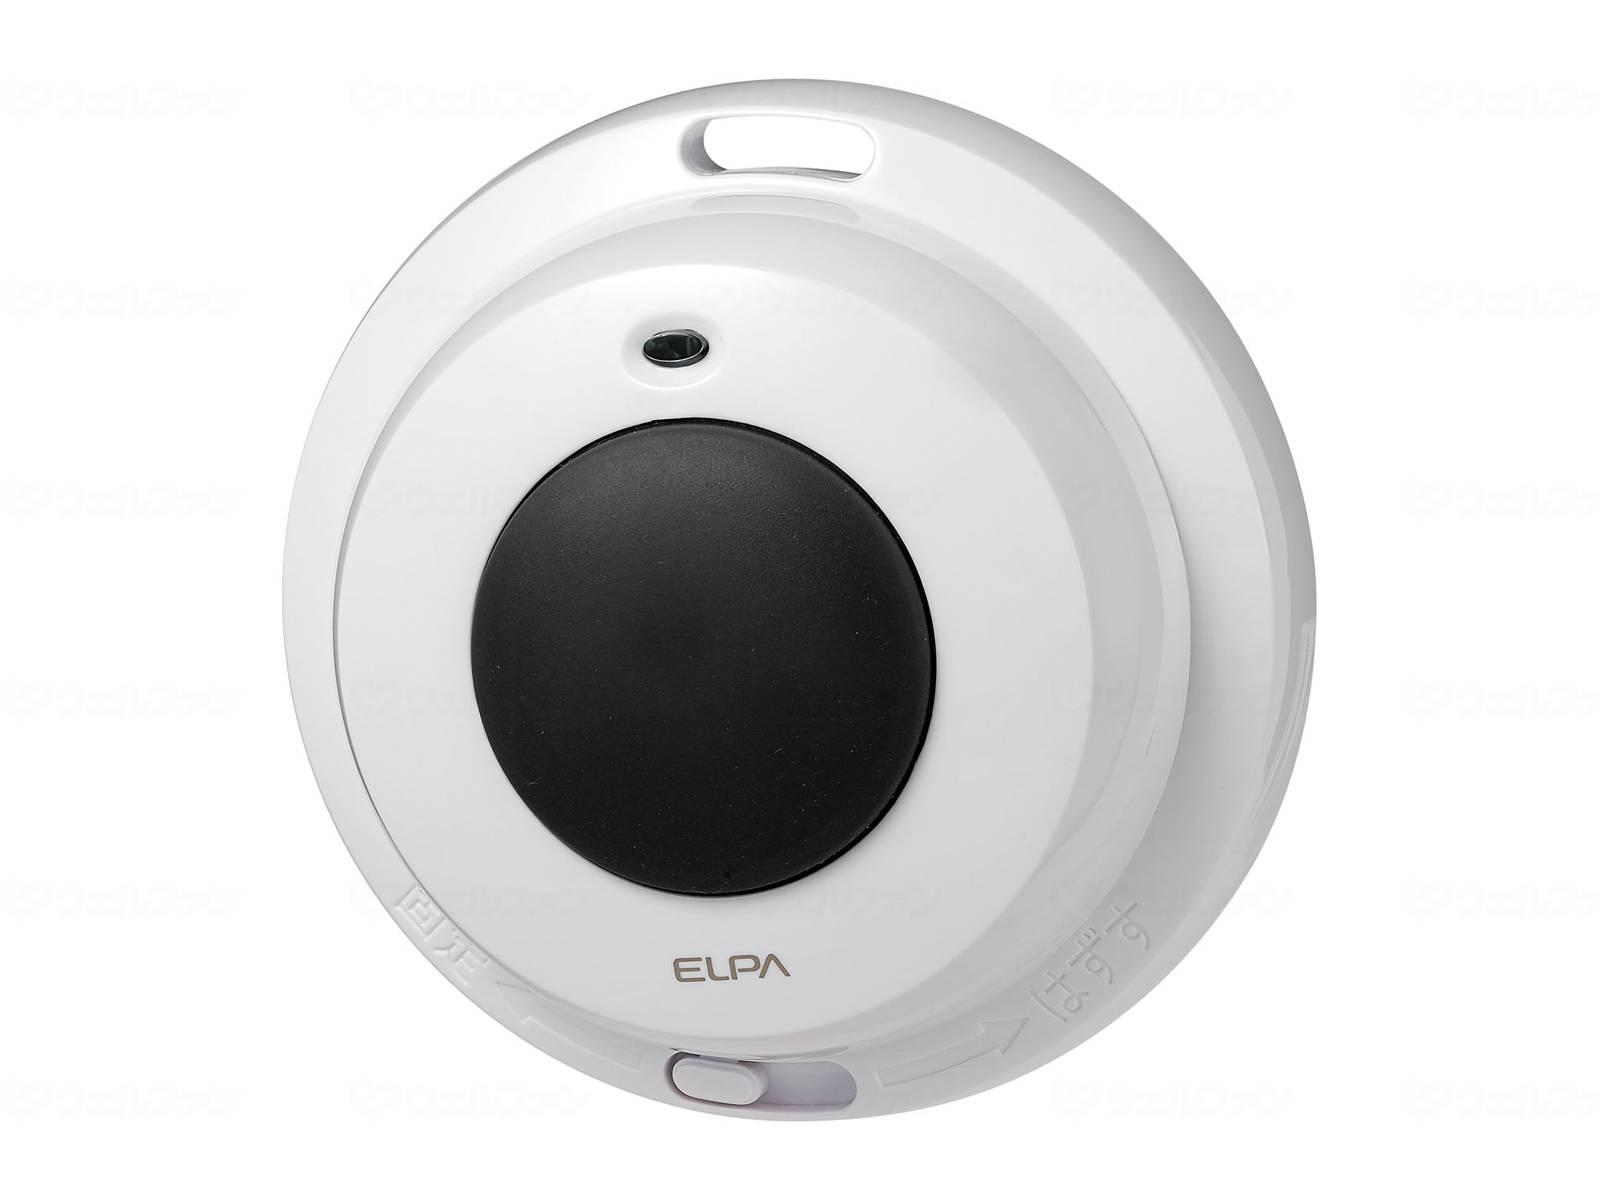 ワイヤレスチャイム防水押しボタンの画像